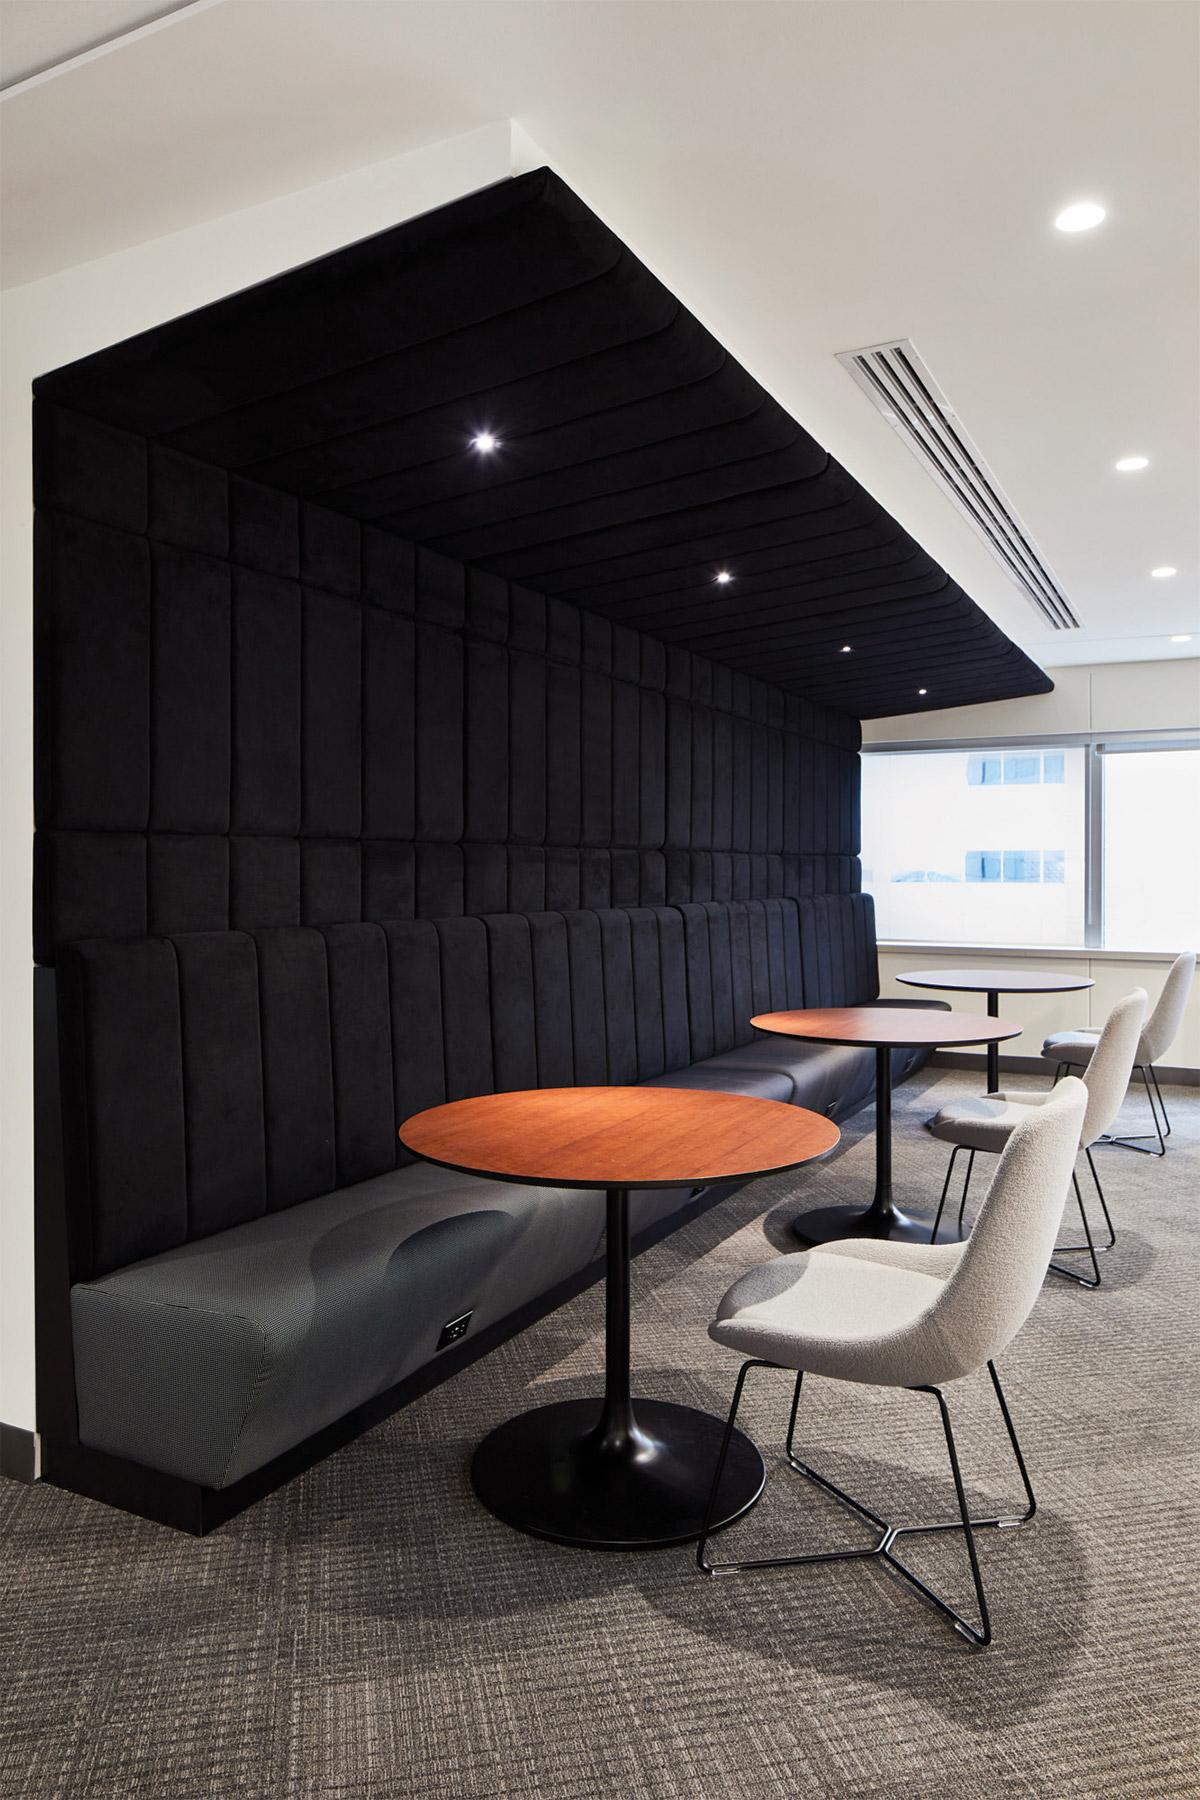 Banquette noire de la zone client au siège social de RCGT à Montréal aménagé par VAD Designers